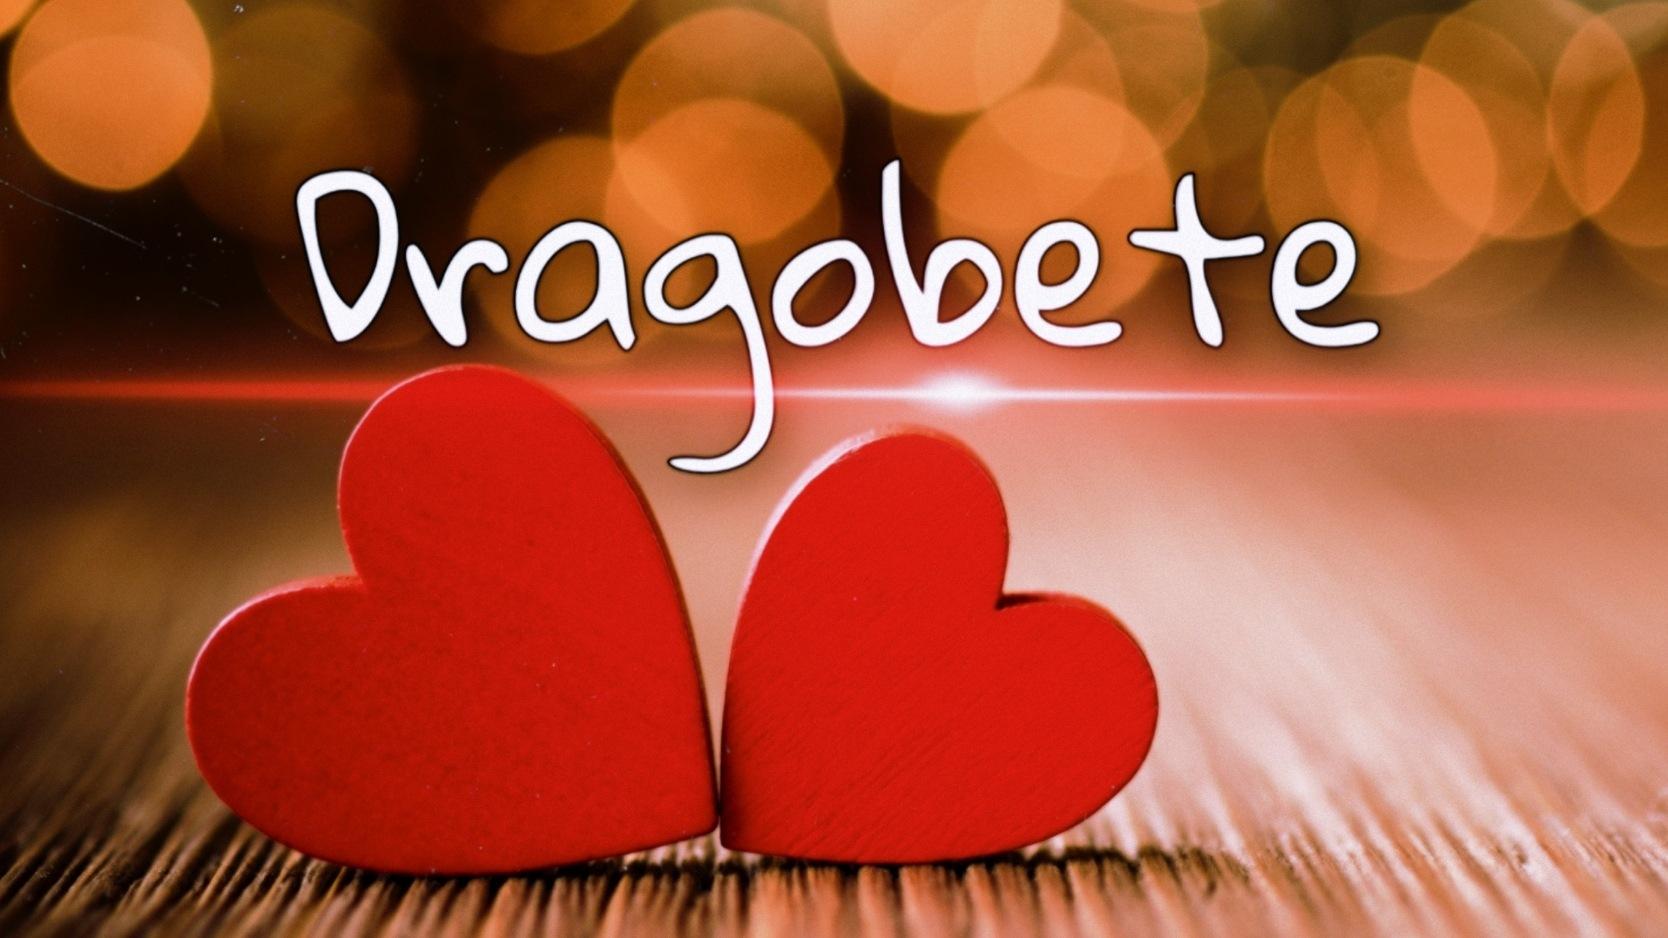 24 Februarie: Dragobetele, ziua dragostei la români. Tradiții si obiceiuri